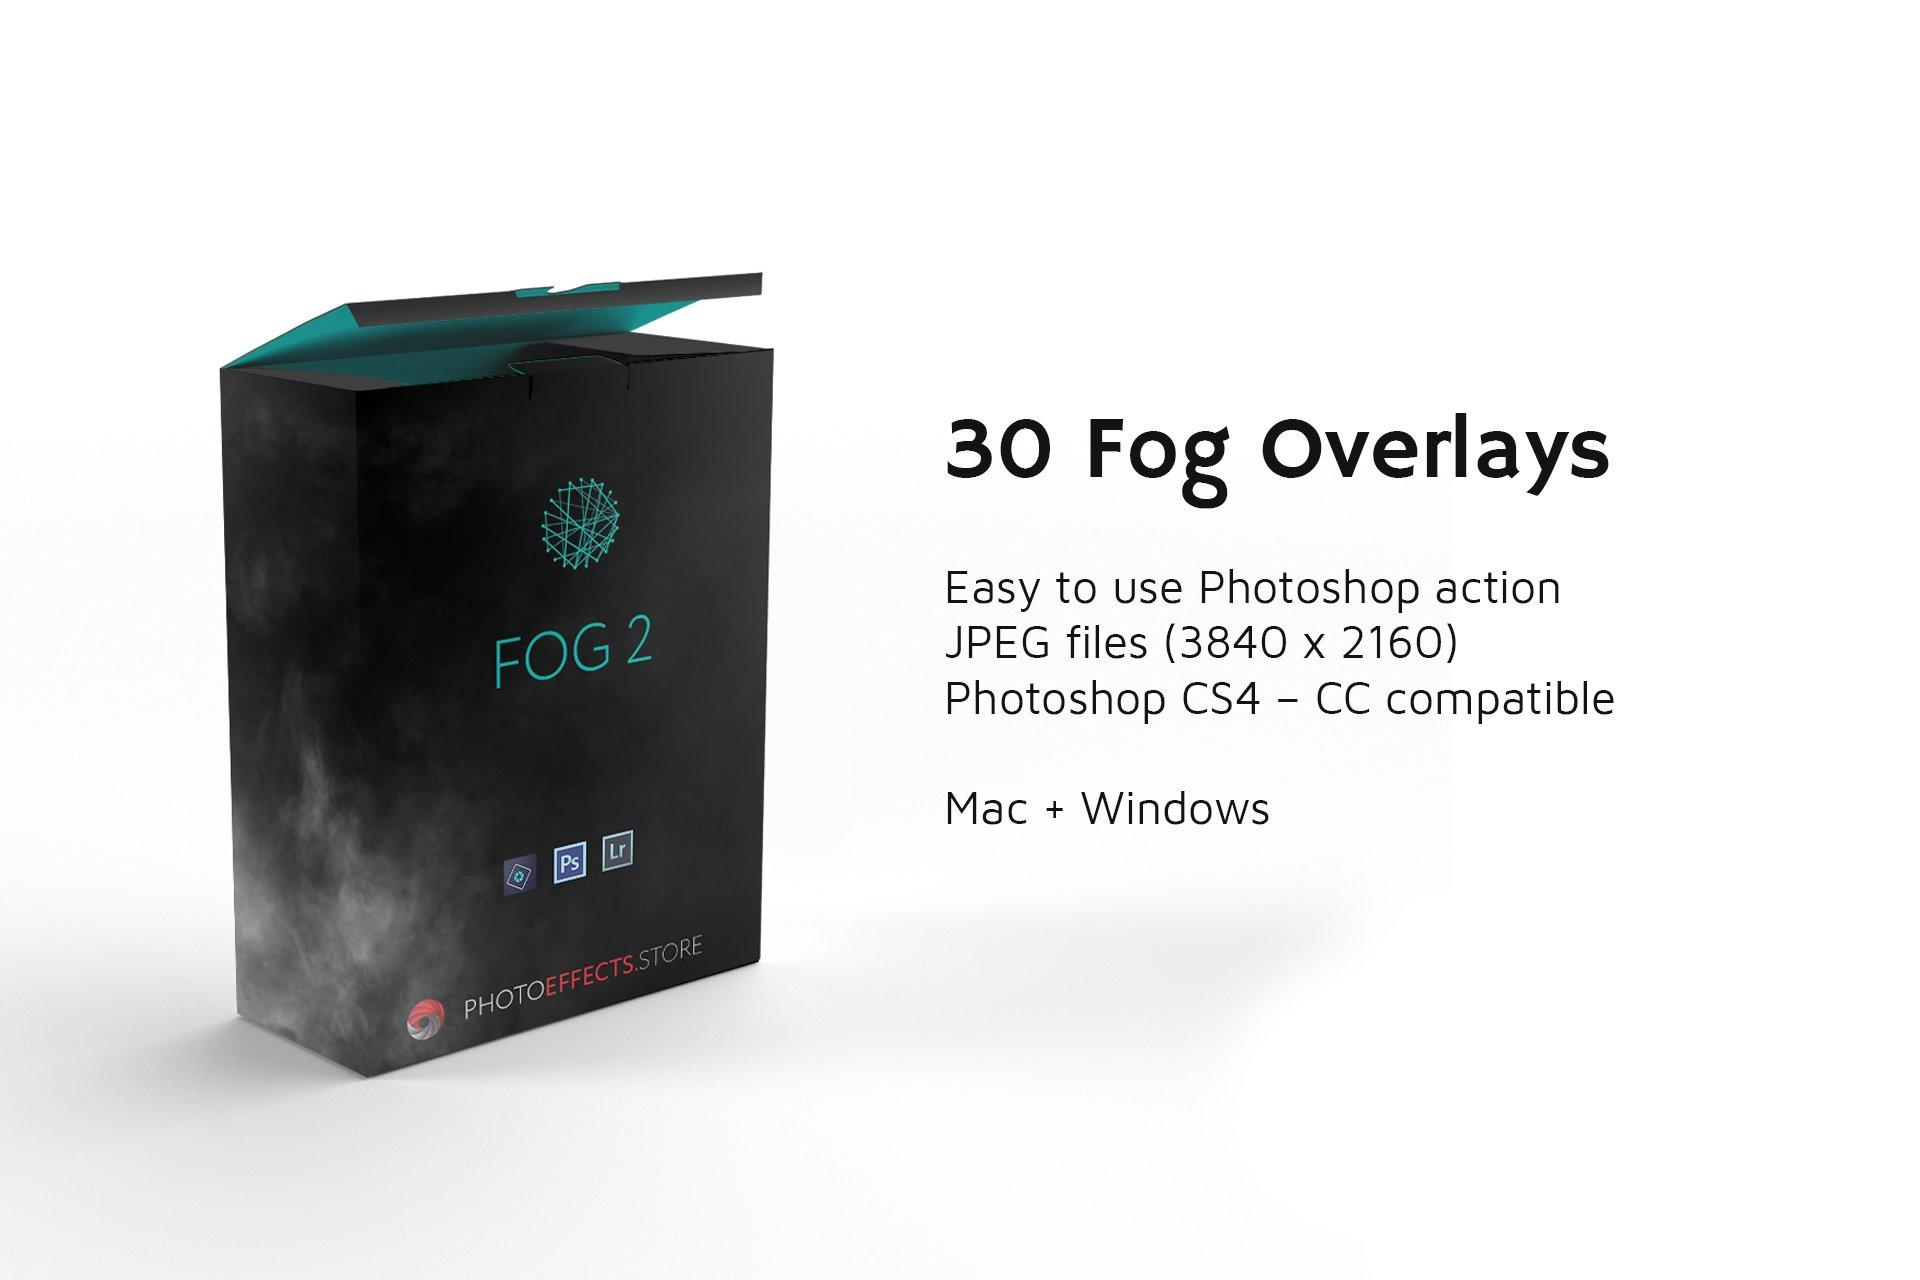 30张高清烟雾叠加层JPG图片素材 30 Fog Photo Overlays 2.0插图(1)